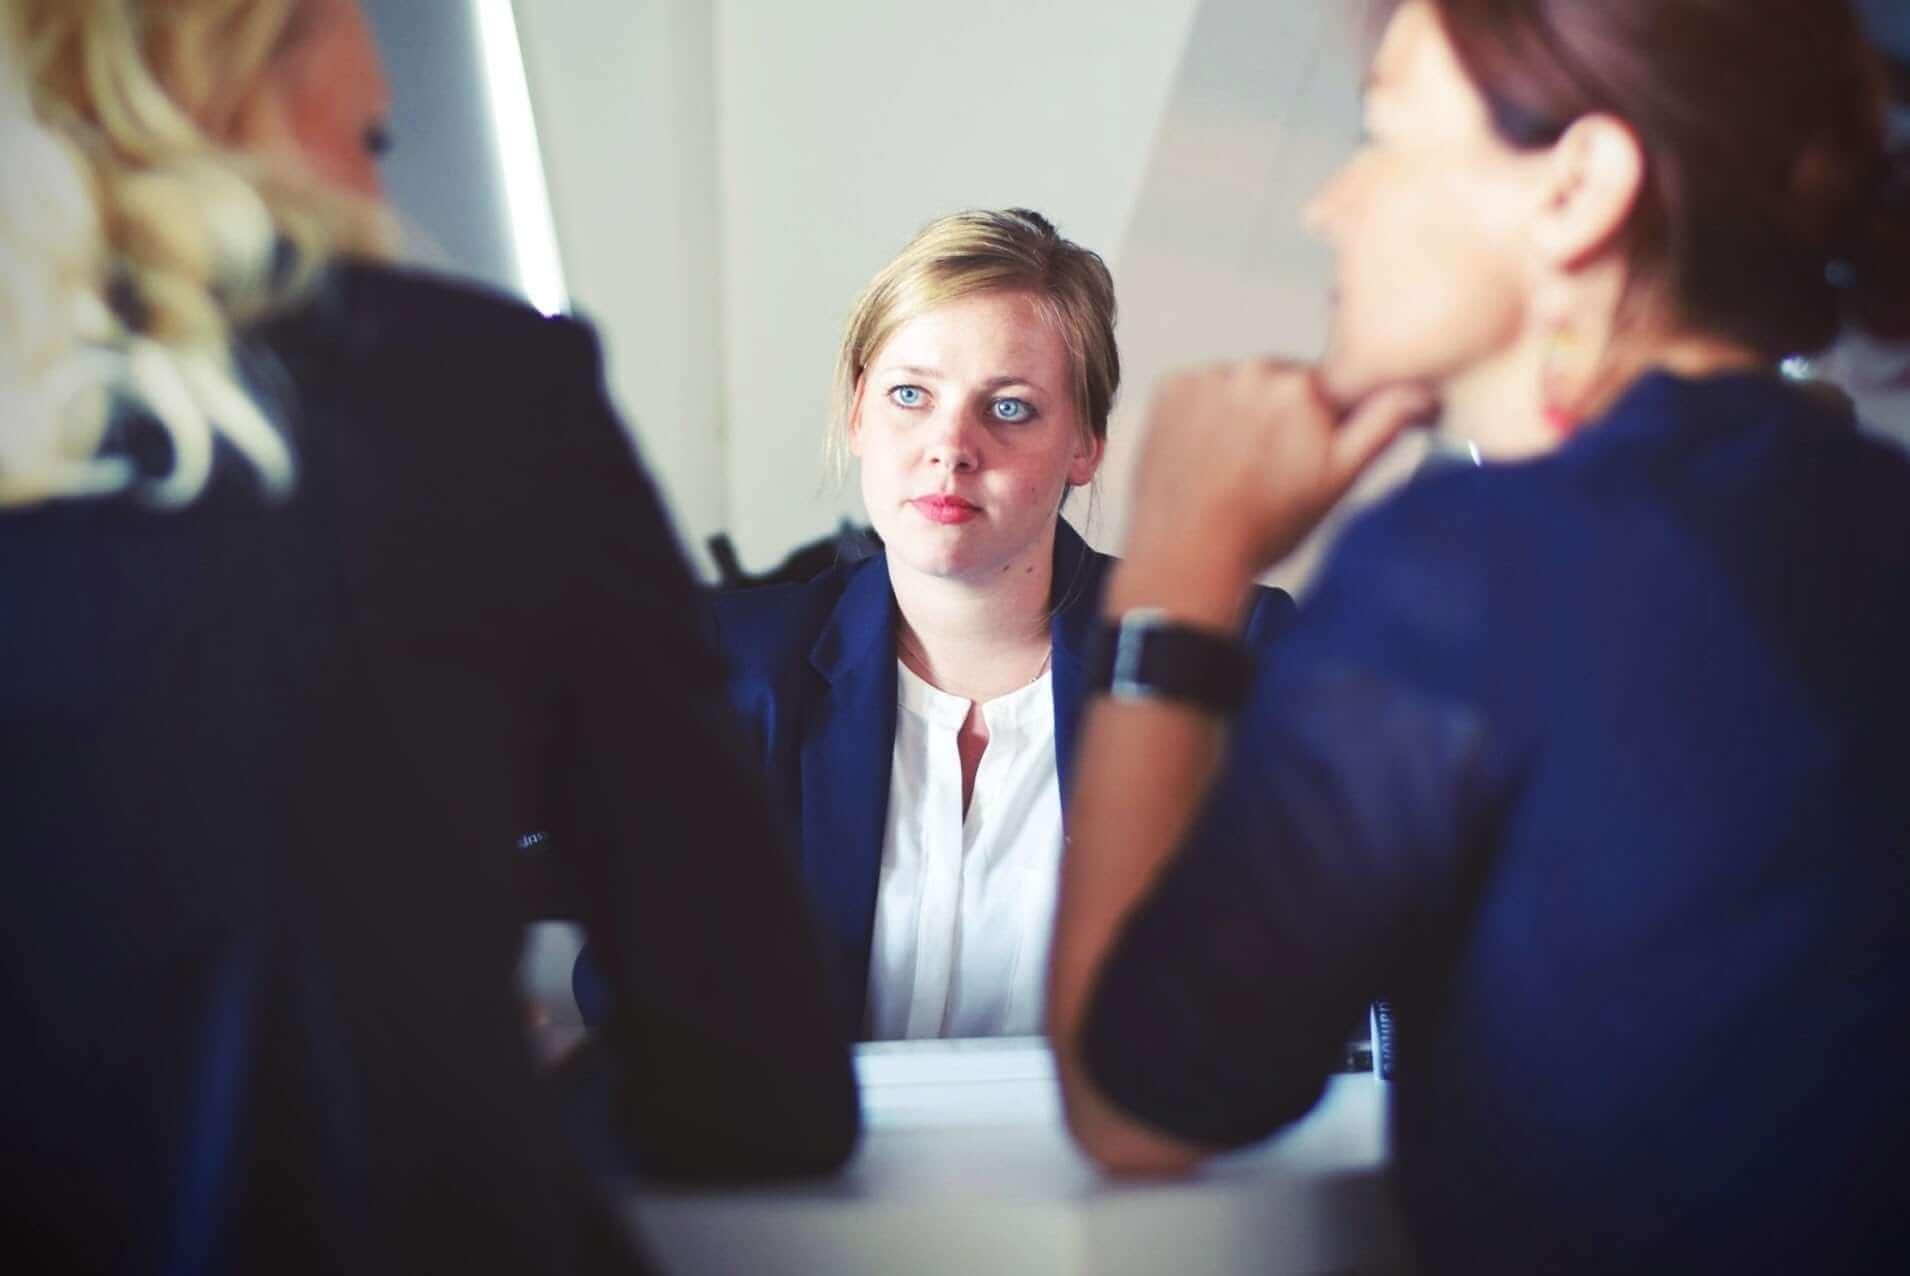 Za ravnopravno učešće žena u odlučivanju: inicijativa Akademije ženskog liderstva uoči gradskih izbora